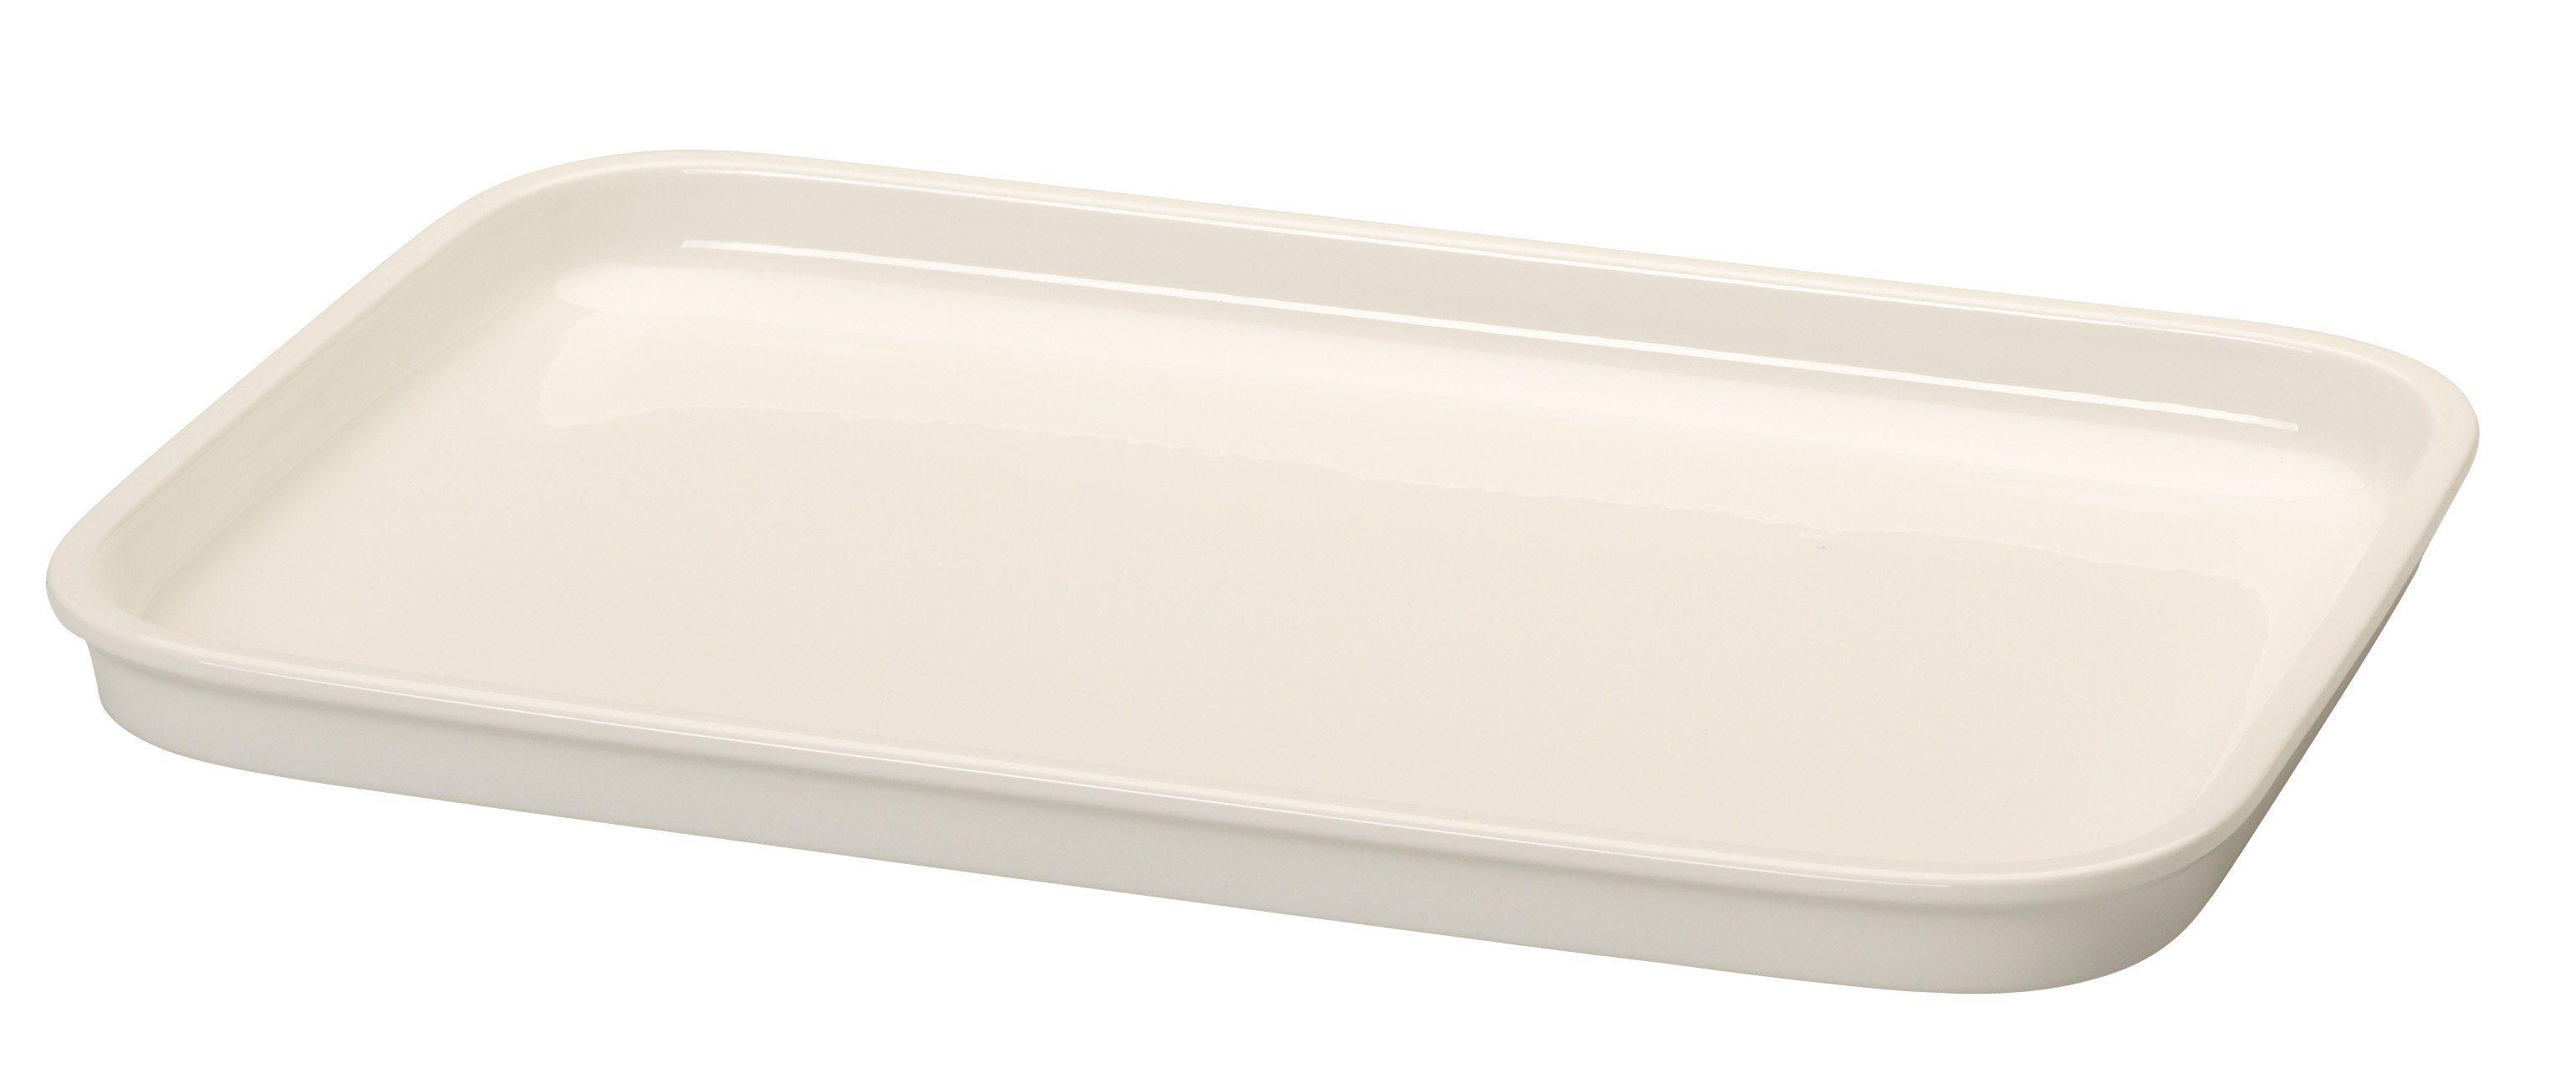 Villeroy & Boch Servierplatte rechteckig 32x22 cm »Clever Cooking«